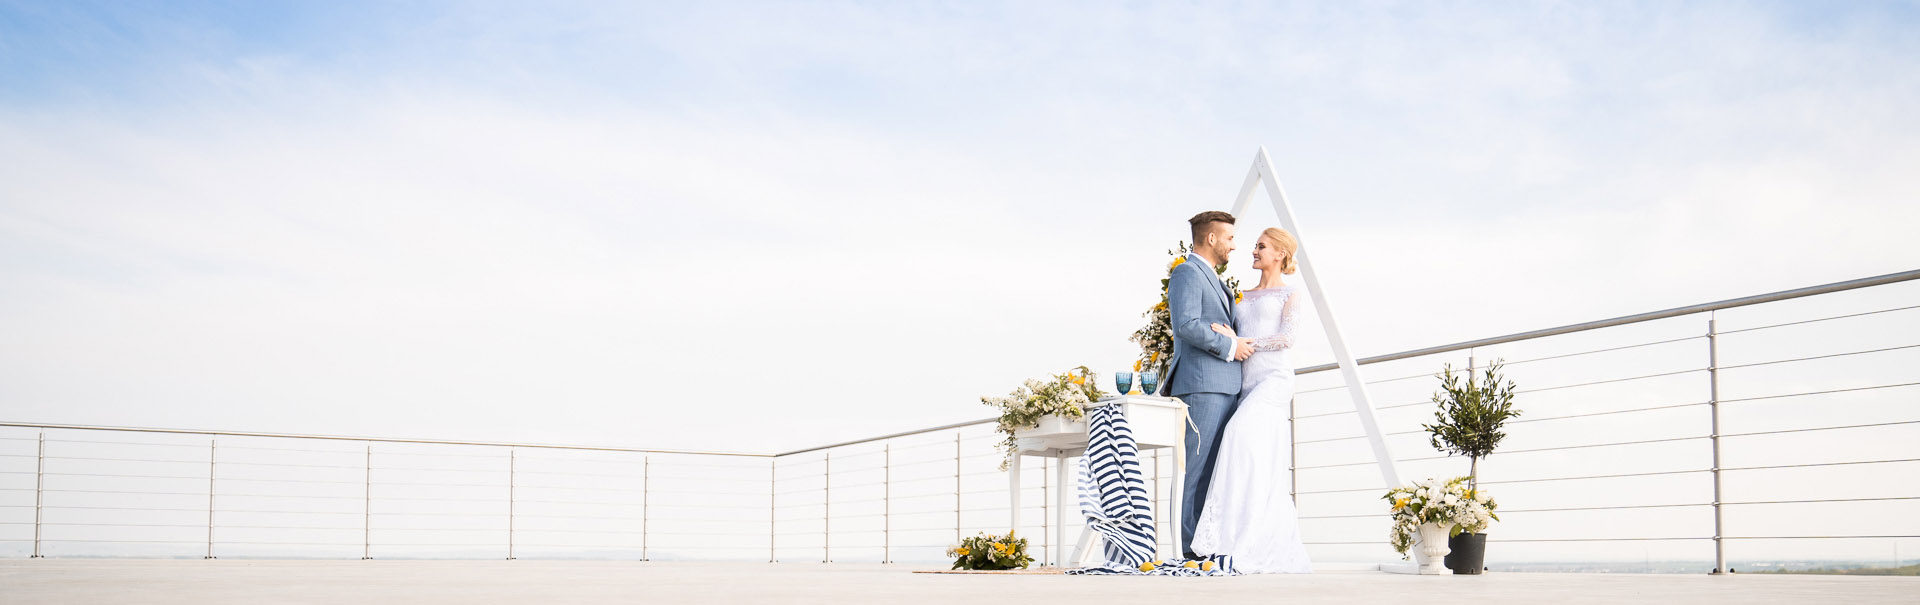 Detaily dělají každou svatbu jedinečnou